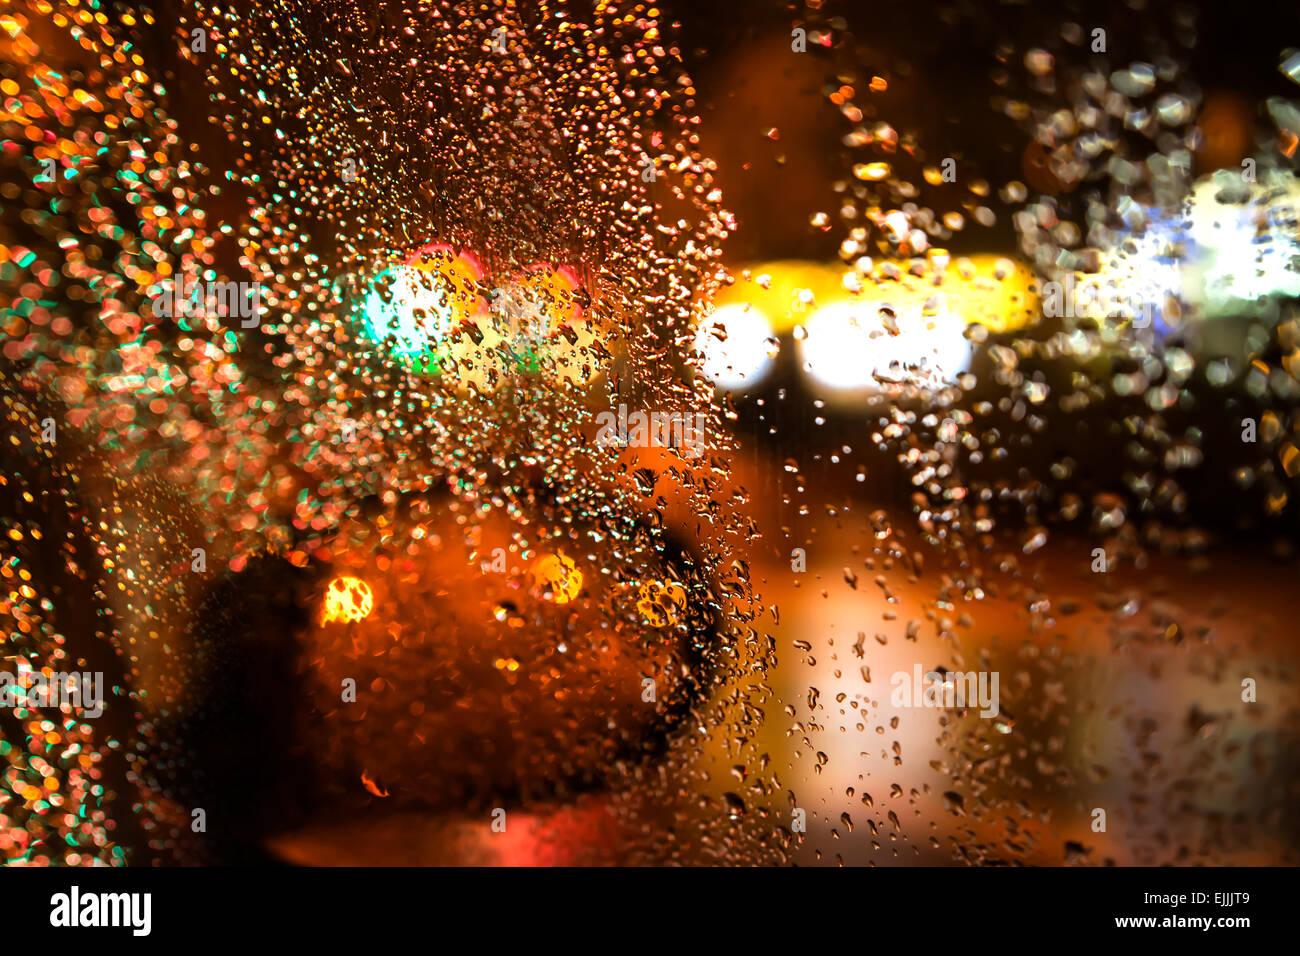 Noche de lluvia a través de la ventanilla del automóvil. Imagen De Stock